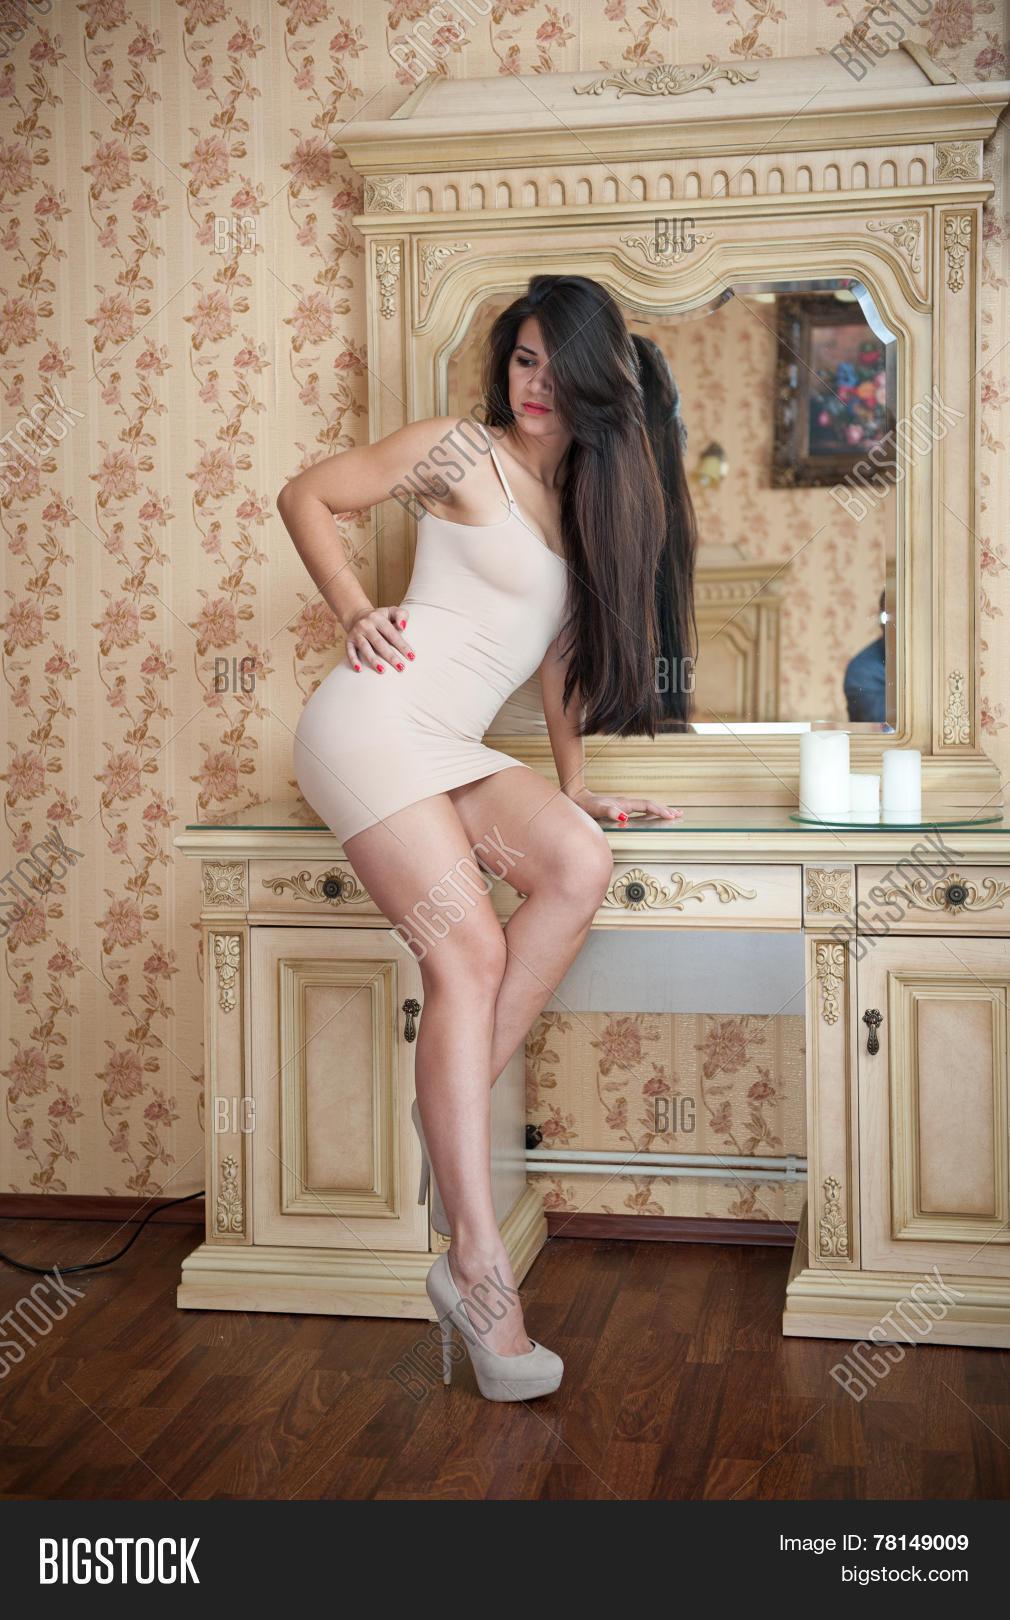 Playboy girl on girl nude